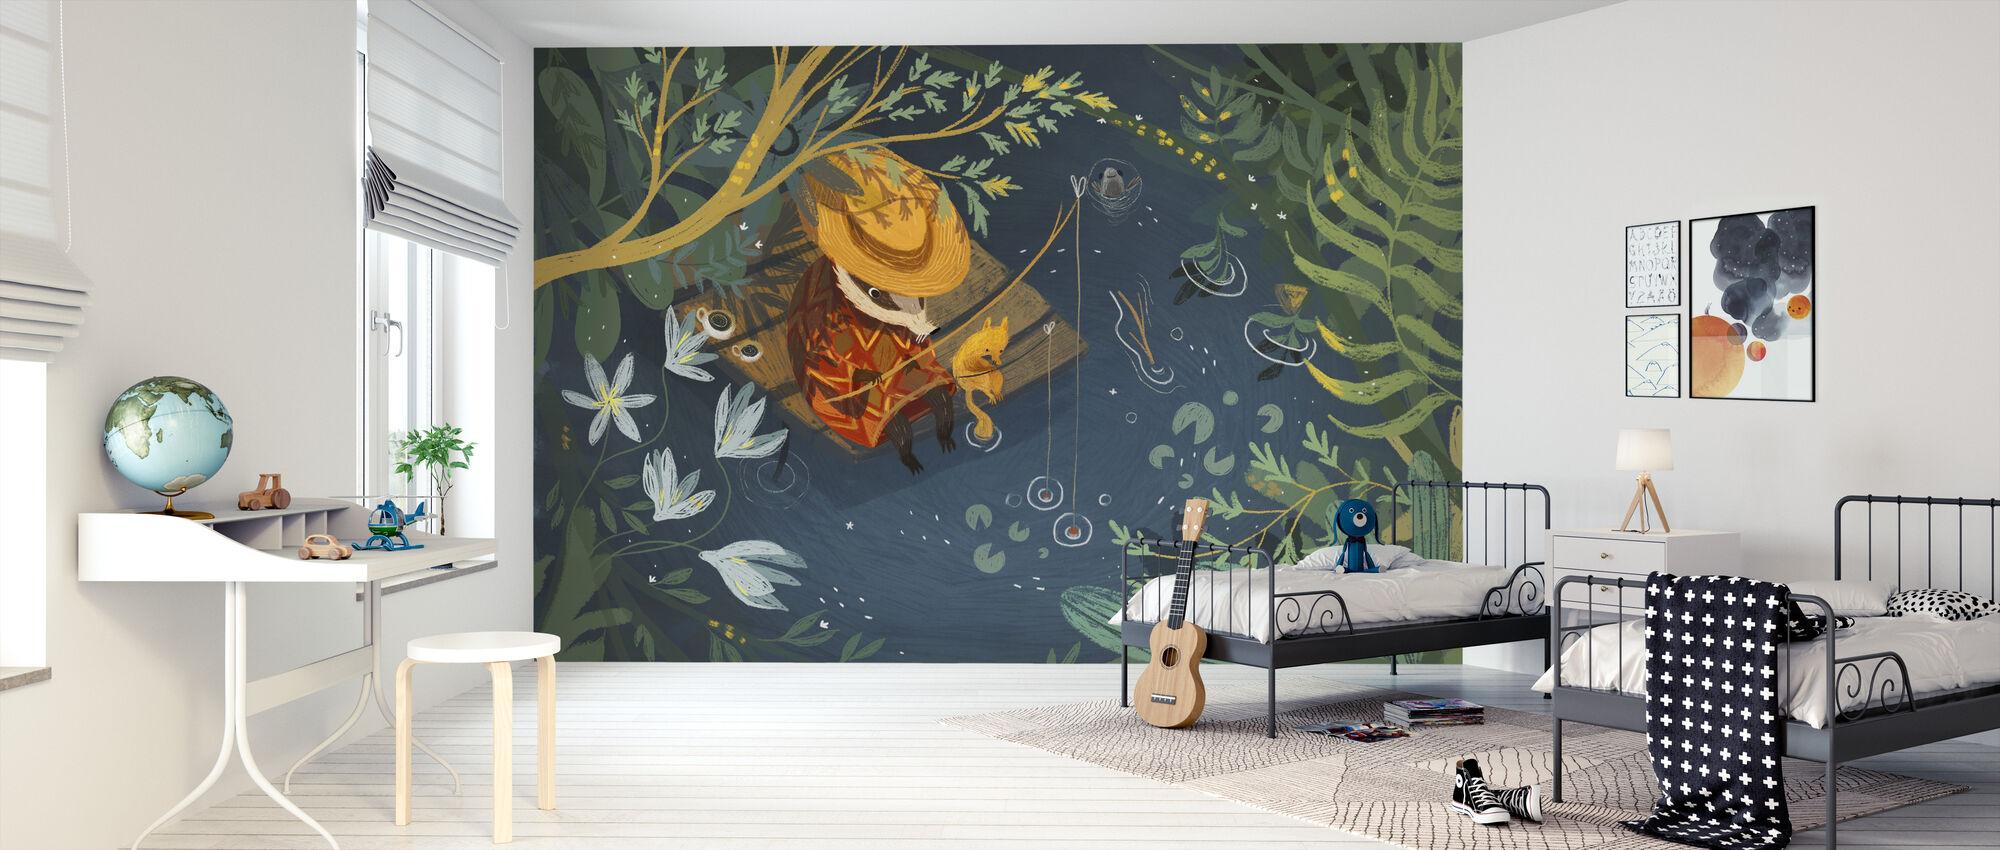 Summer Fishing - Wallpaper - Kids Room